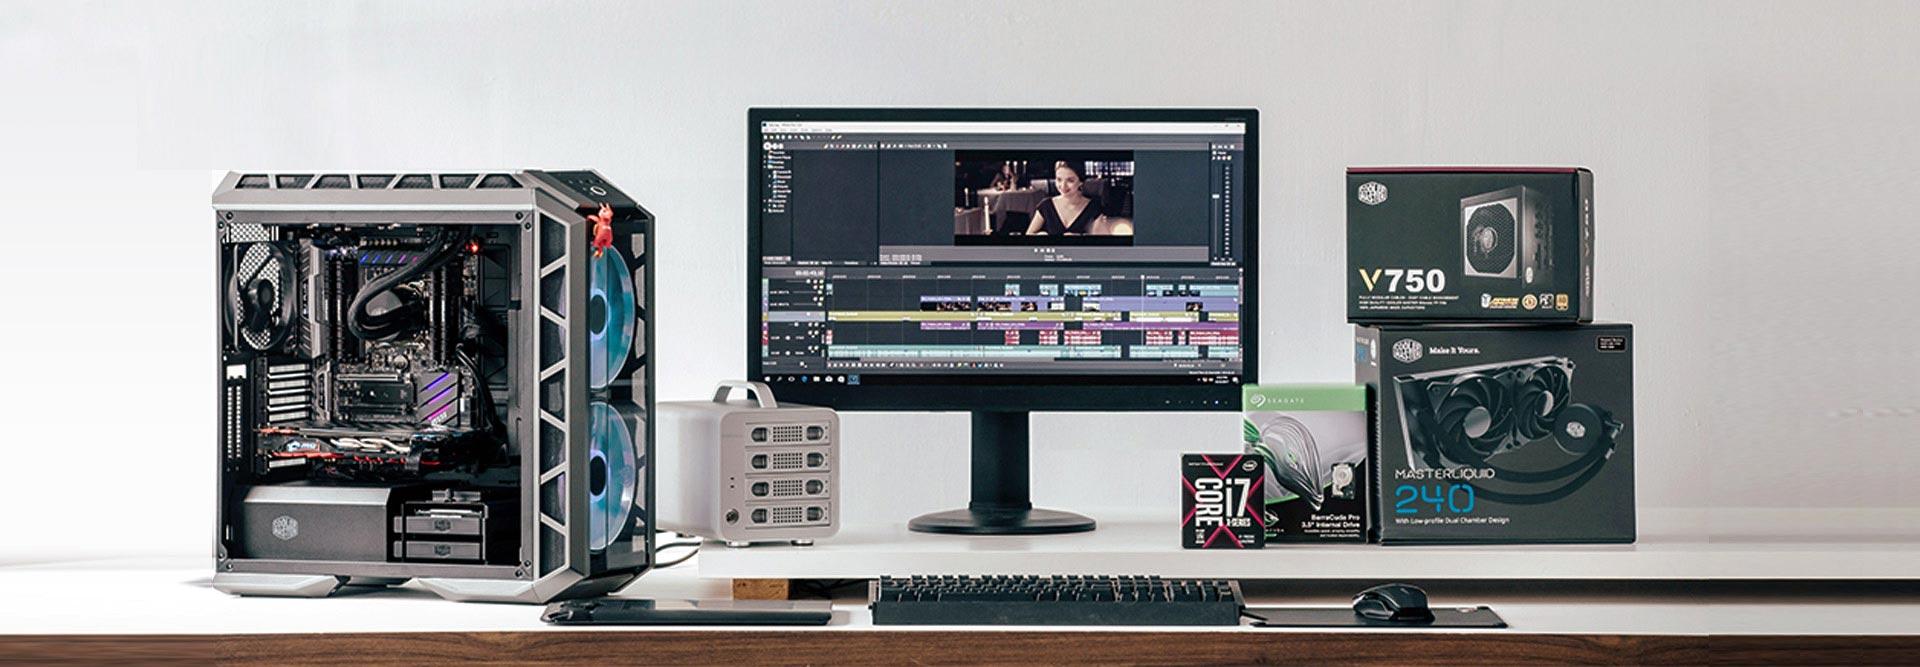 4K-비디오-편집용-PC-권장-구성